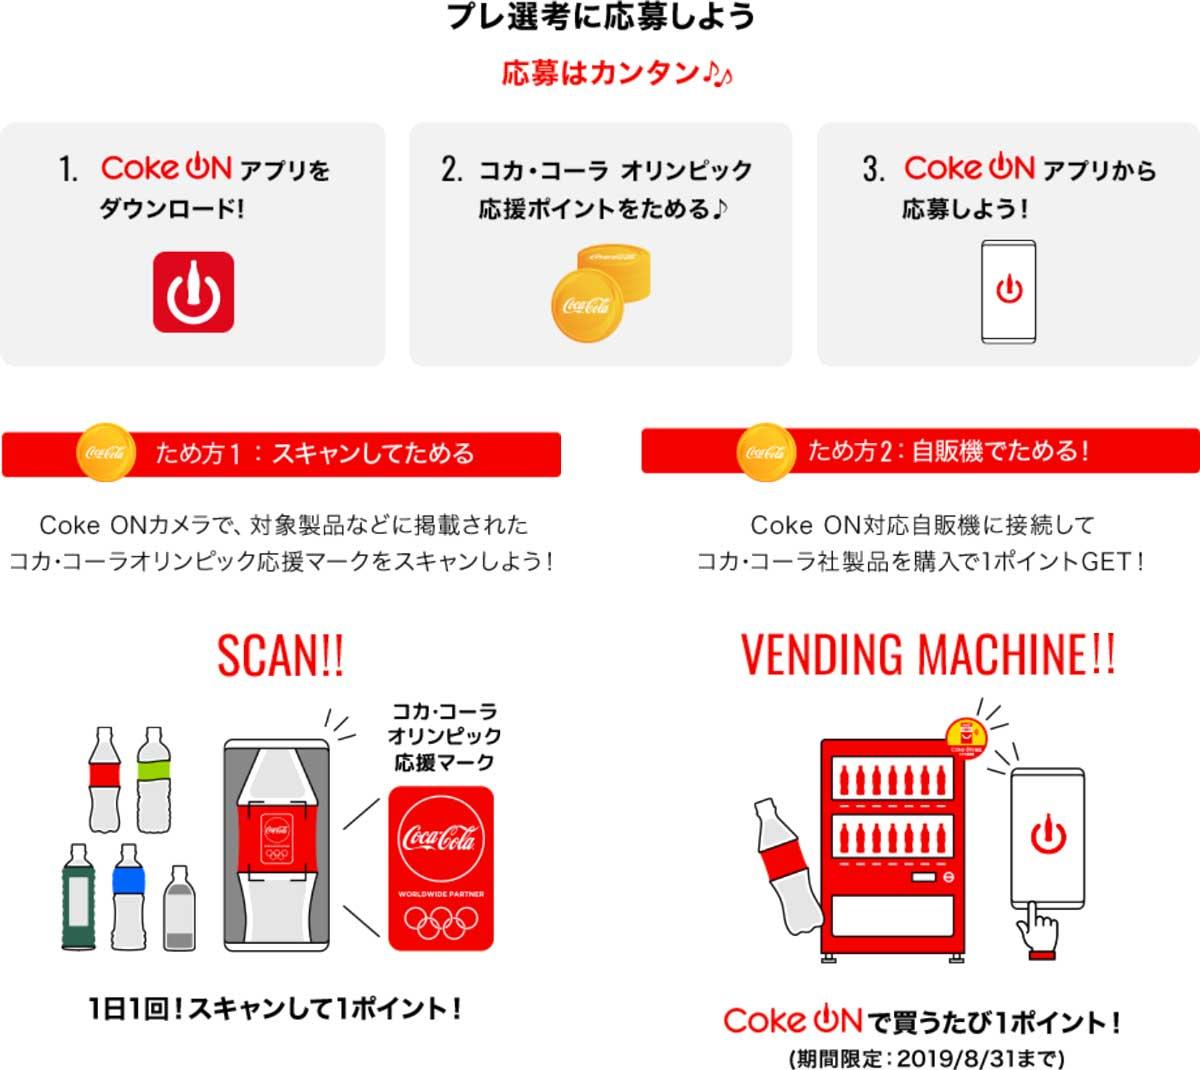 東京オリンピック2020の聖火ランナーの応募方法や手順をまとめた!コカコーラ編! tokyo2020_cocacola_03